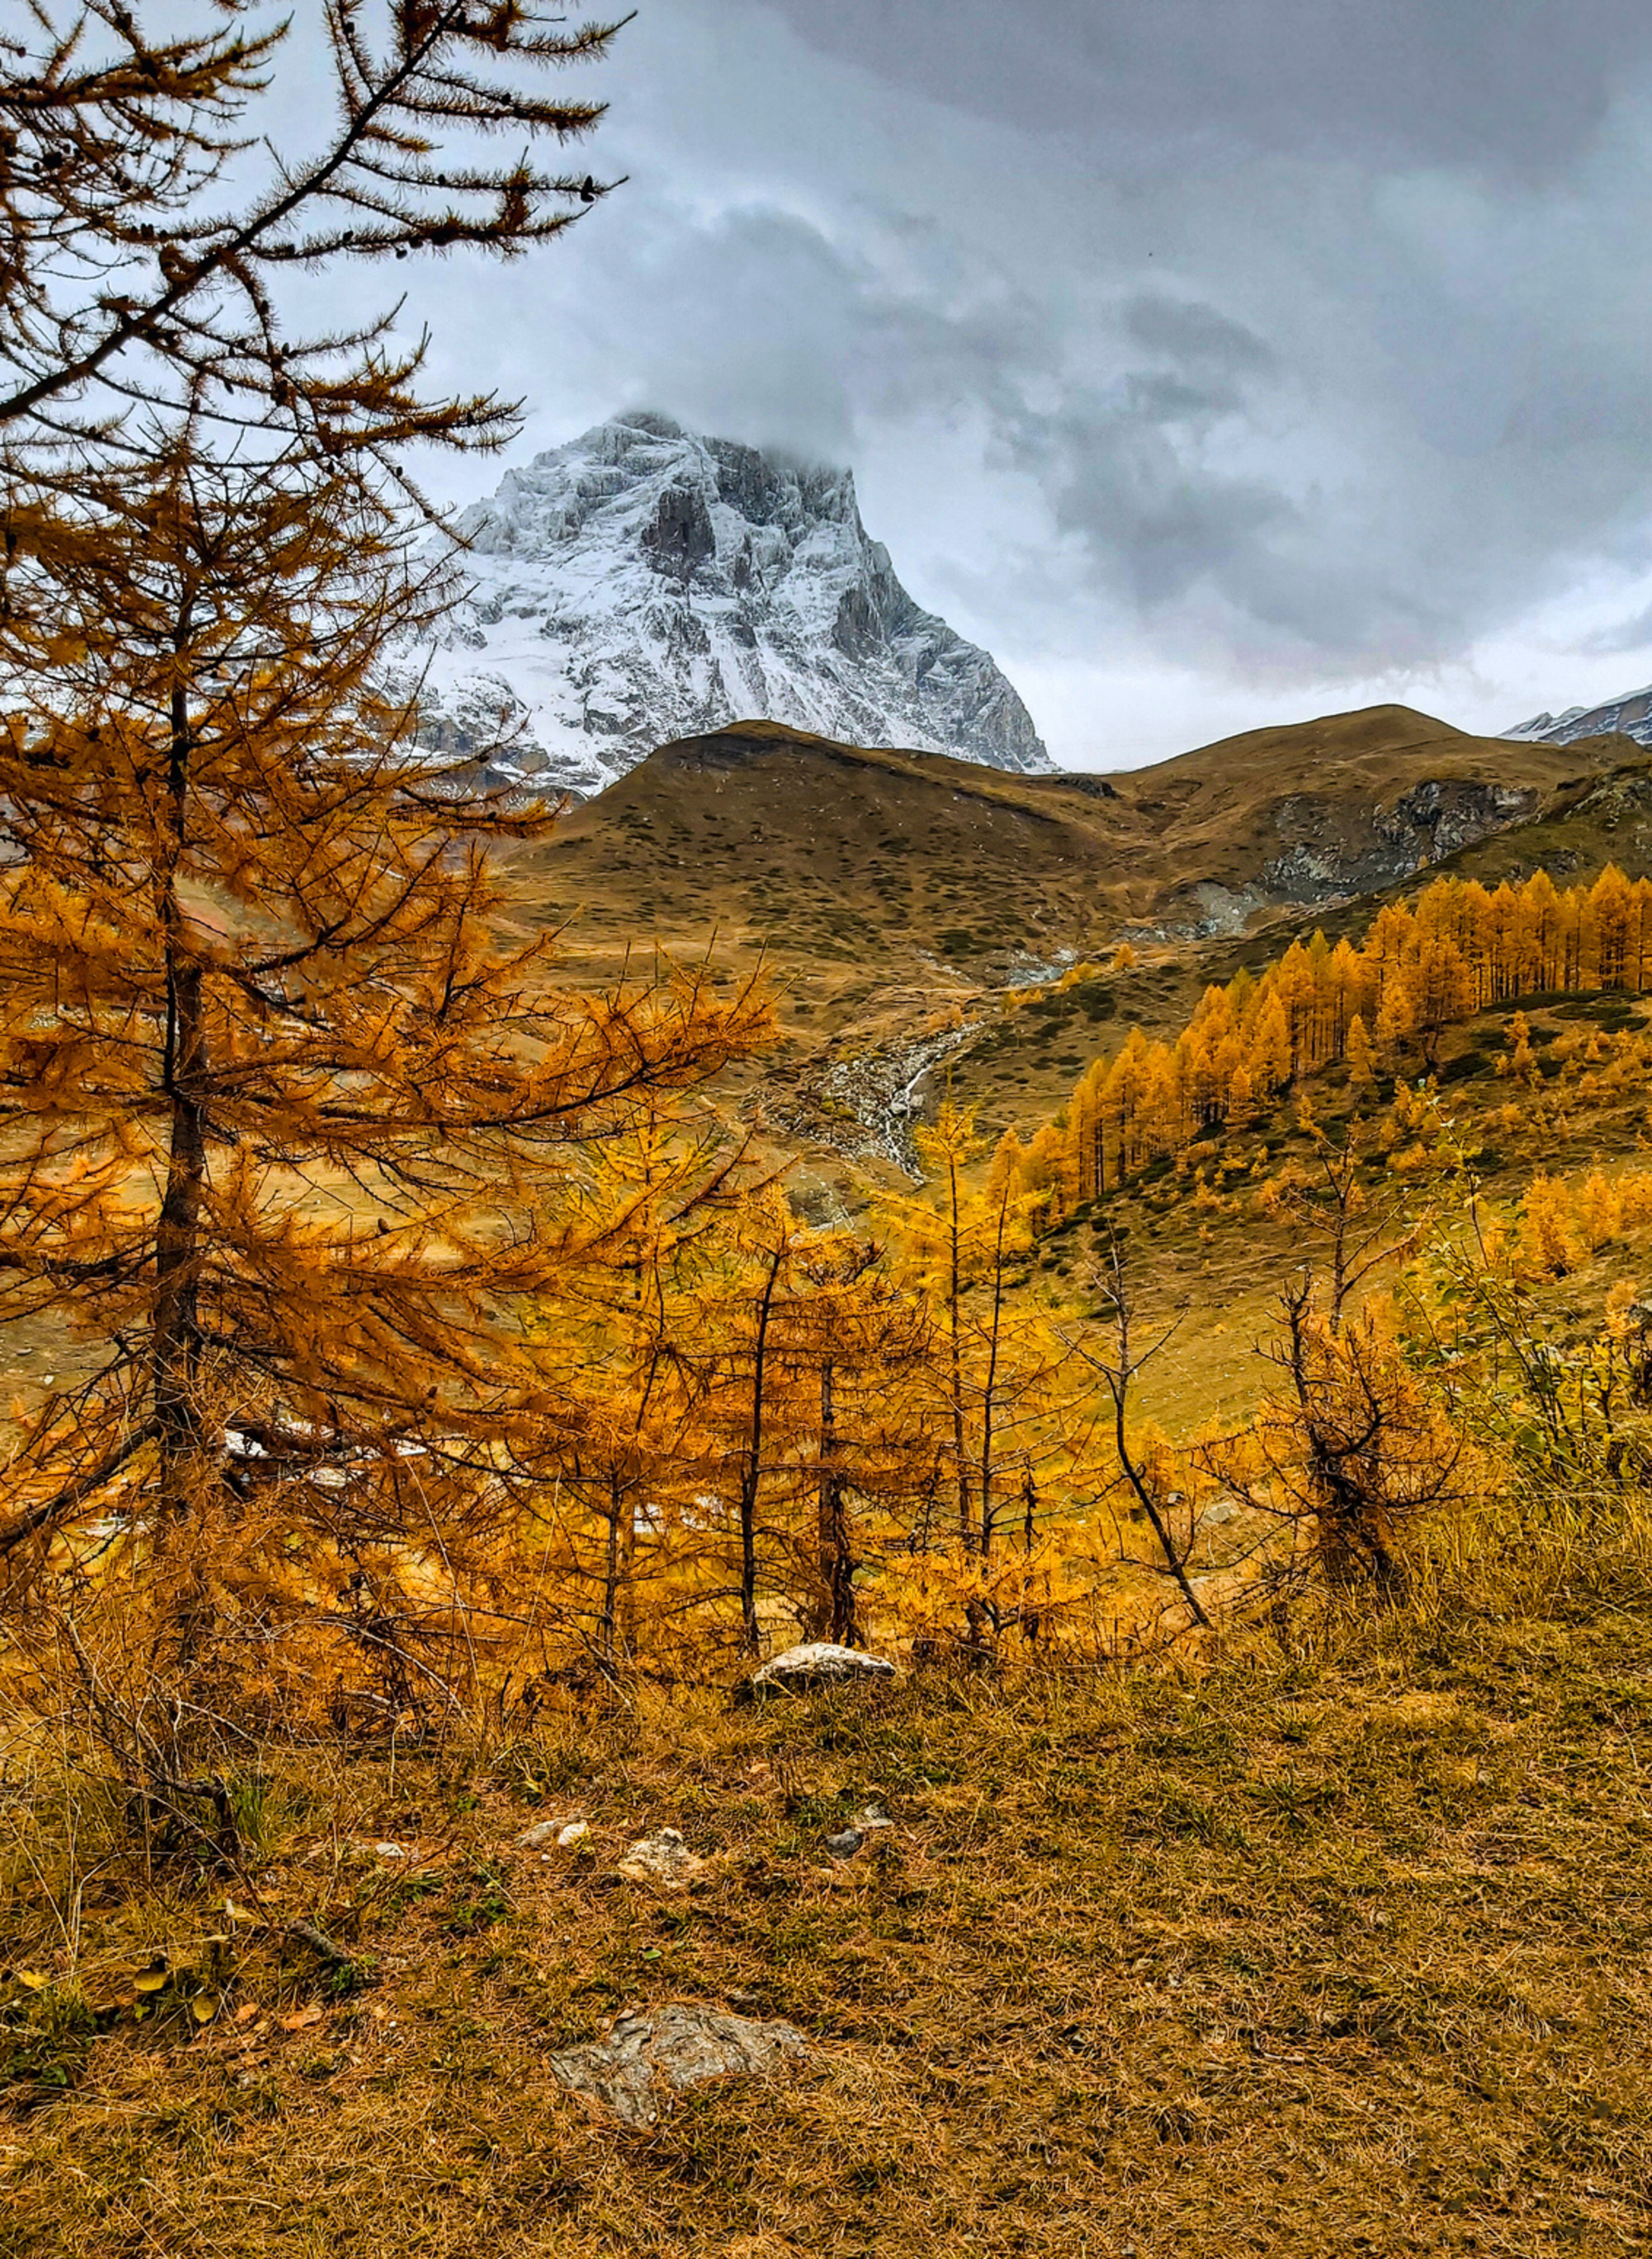 Matterhorn bij Breuil-Cervinia - De imposante Matterhorn liet zich net niet helemaal zien, maar het grijze weer contrasteert mooi met de oranje-gele  herfstkleuren die zelfs in de na - foto door roybisschops op 25-10-2019 - deze foto bevat: herfst, bergen, herfstkleuren, alpen, naaldbomen, matterhorn